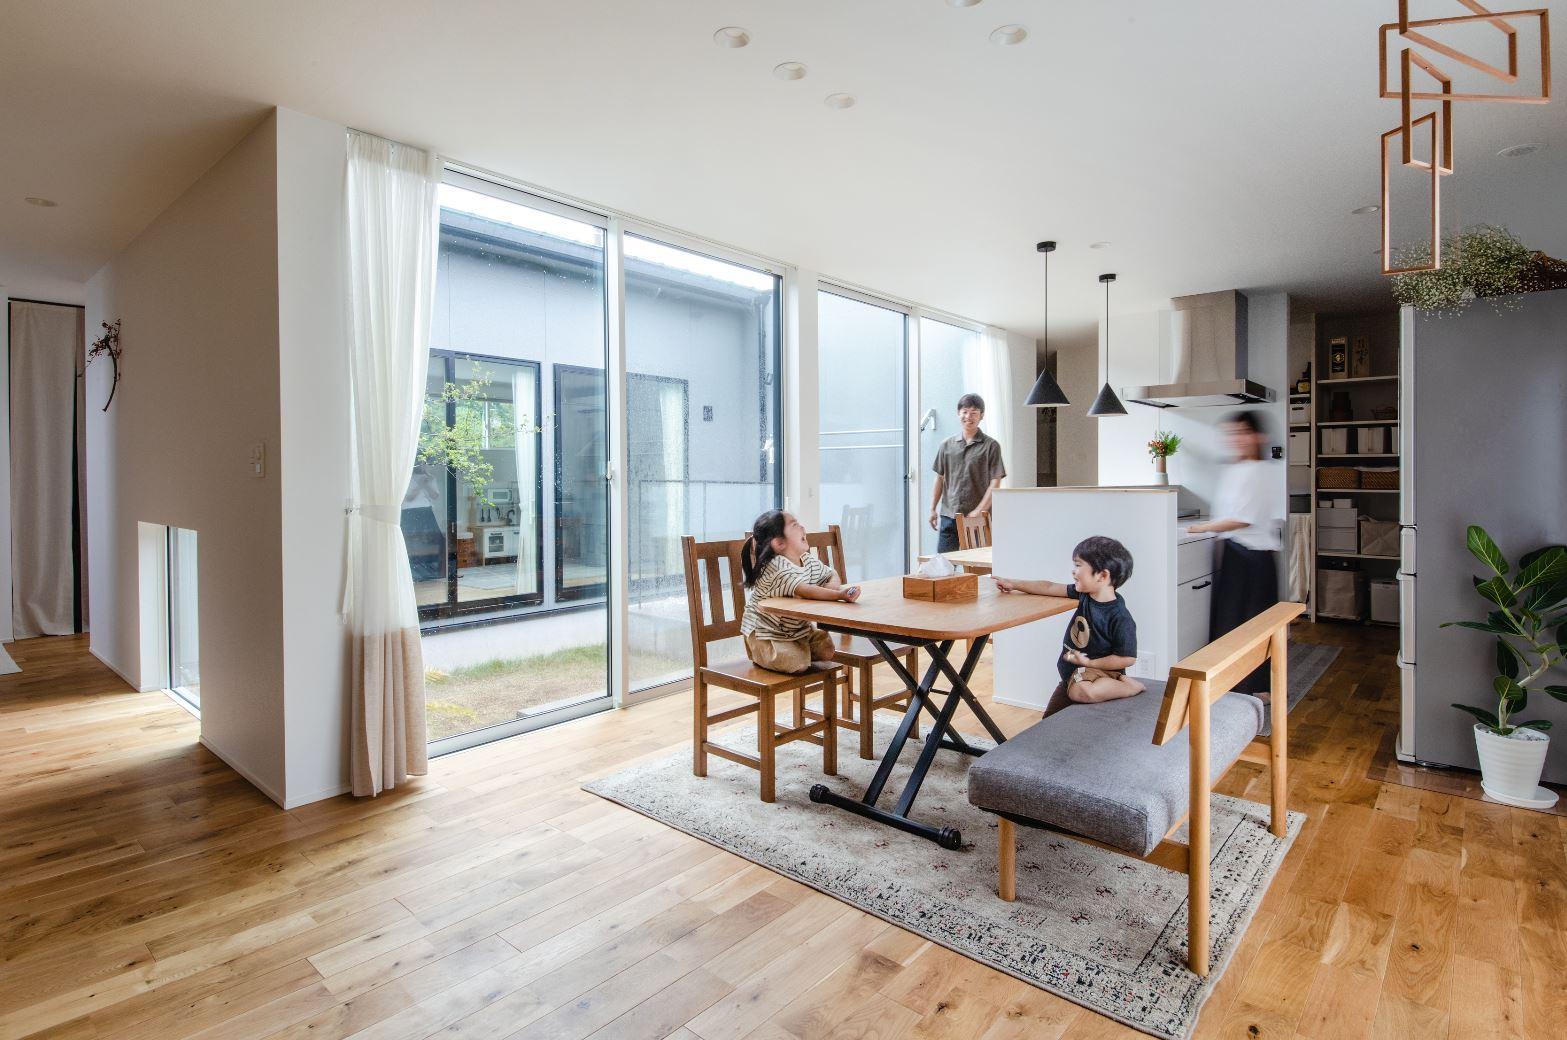 S.CONNECT(エスコネクト)【デザイン住宅、間取り、平屋】子どもたちが走り回れるようにと、中庭を中心に「ロの字」の形にした間取りを採用